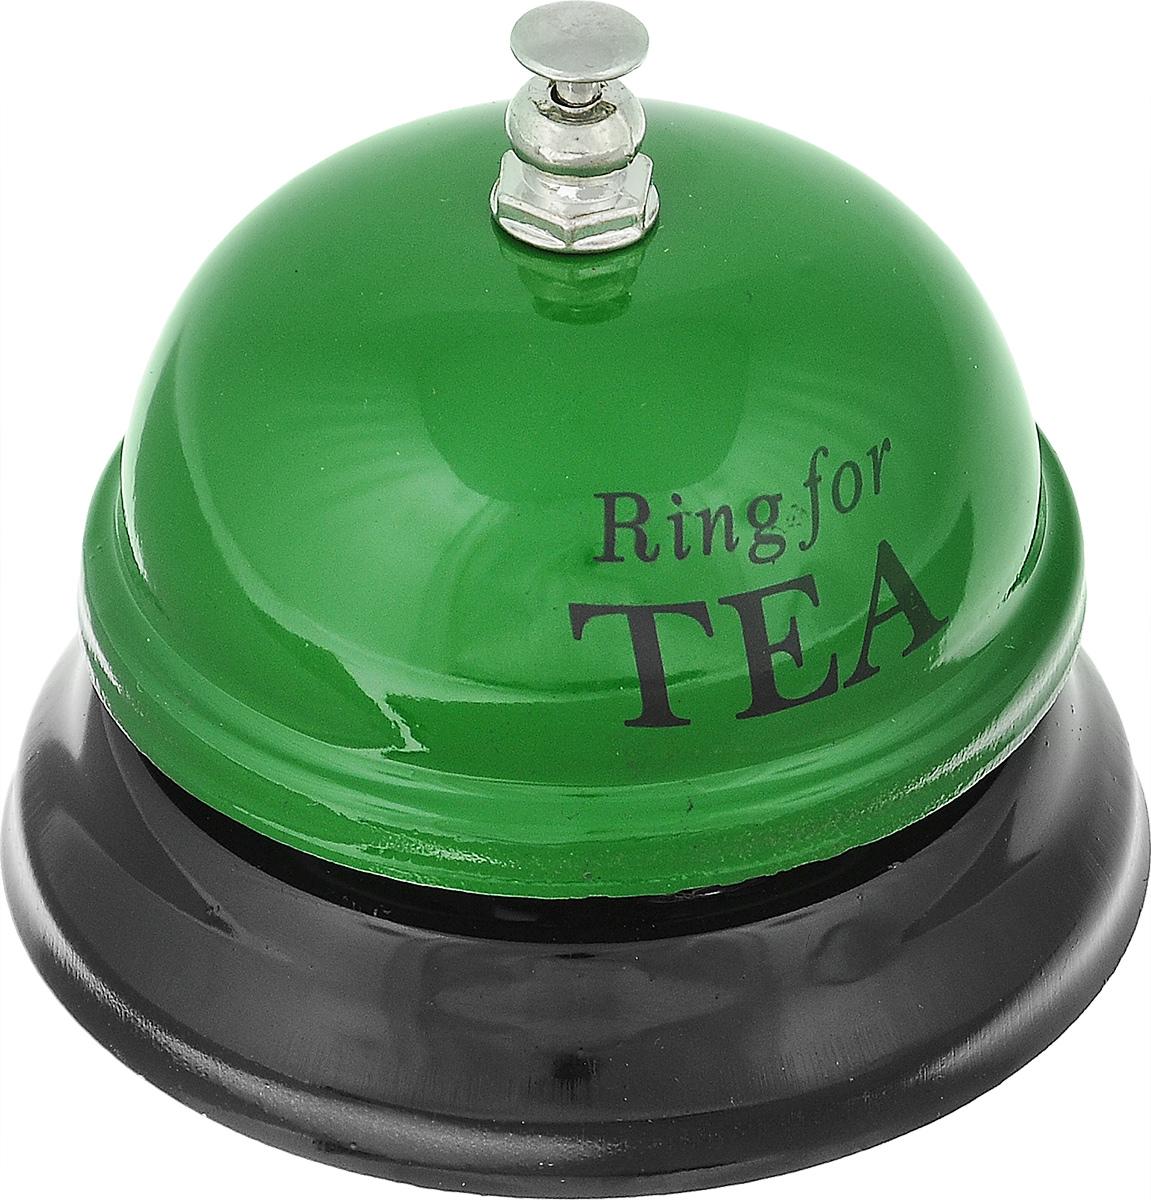 Звонок настольный Эврика Ring For Tea95089Механический настольный звонок Эврика Ring For Tea изготовлен из металла. С его помощью вы можете оповещать ваших близких о своих желаниях. Этот звонок будет отличным подарком, который принесет хорошее настроение.